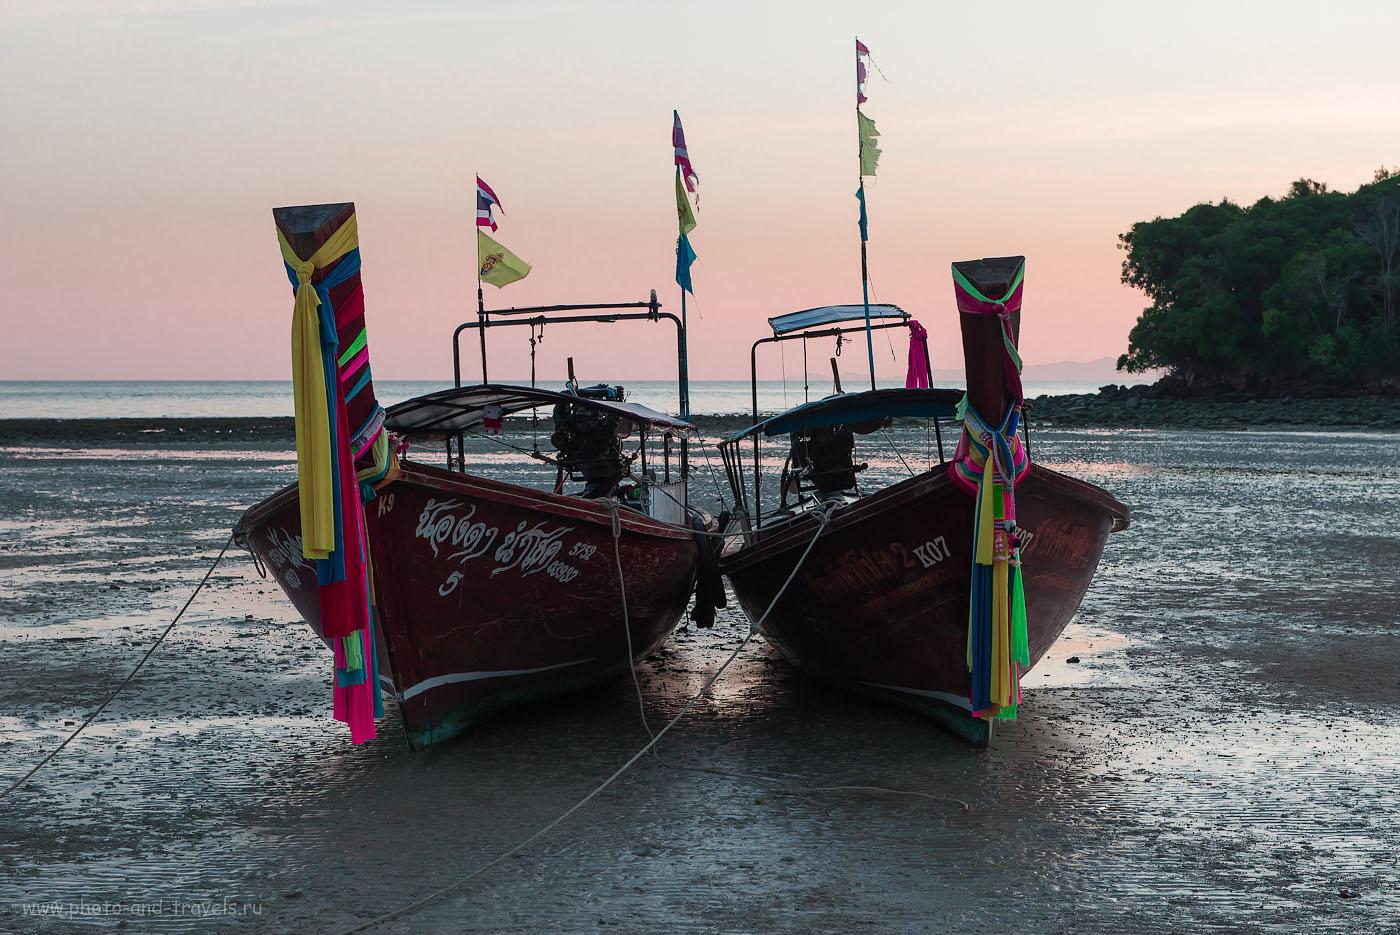 Фотография 9. Пляж Клонг Муанг на Краби. Отчет о самостоятельном отдыхе в Таиланде. После долгого дня нужно отдохнуть (640, 62, 8.0, 1/160)